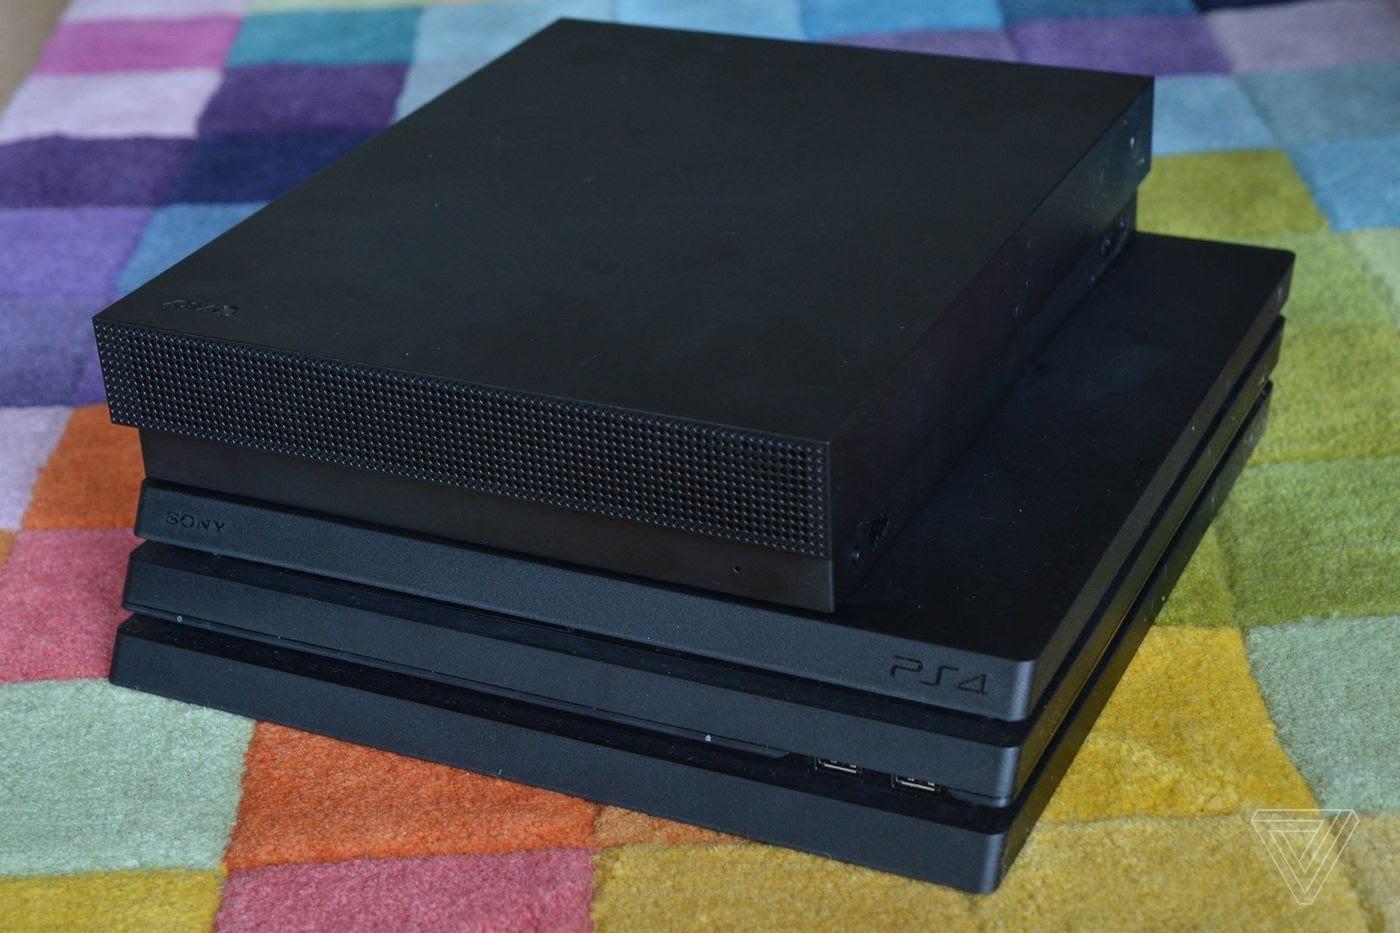 zT9MpKs - PS5の厚みがPS4Proの2倍になるというリーク